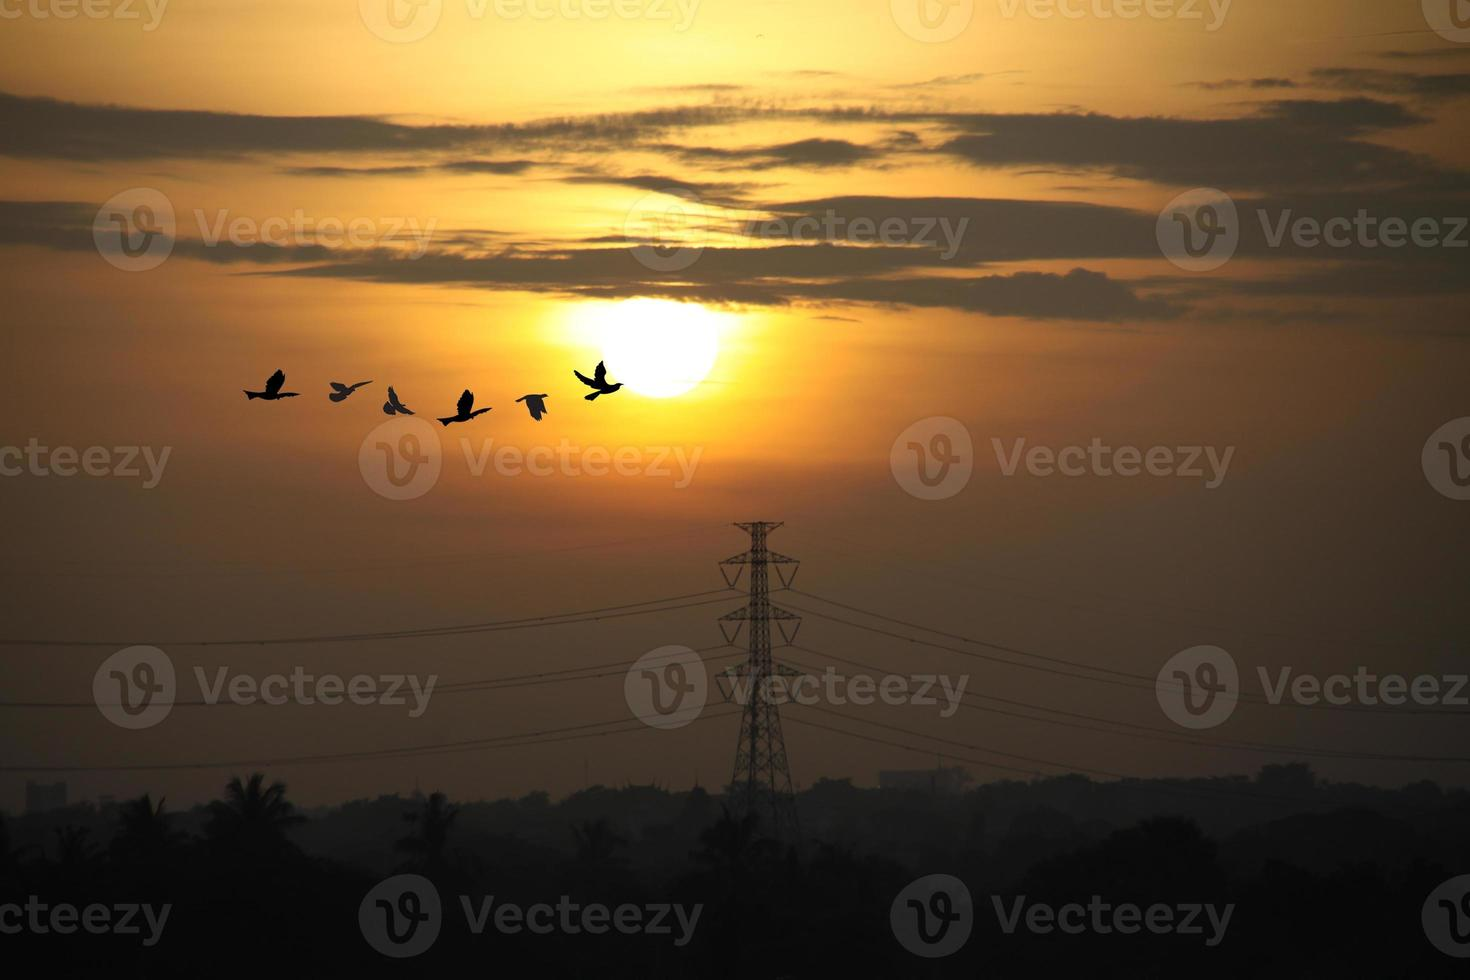 lever du soleil avec des poteaux haute tension photo